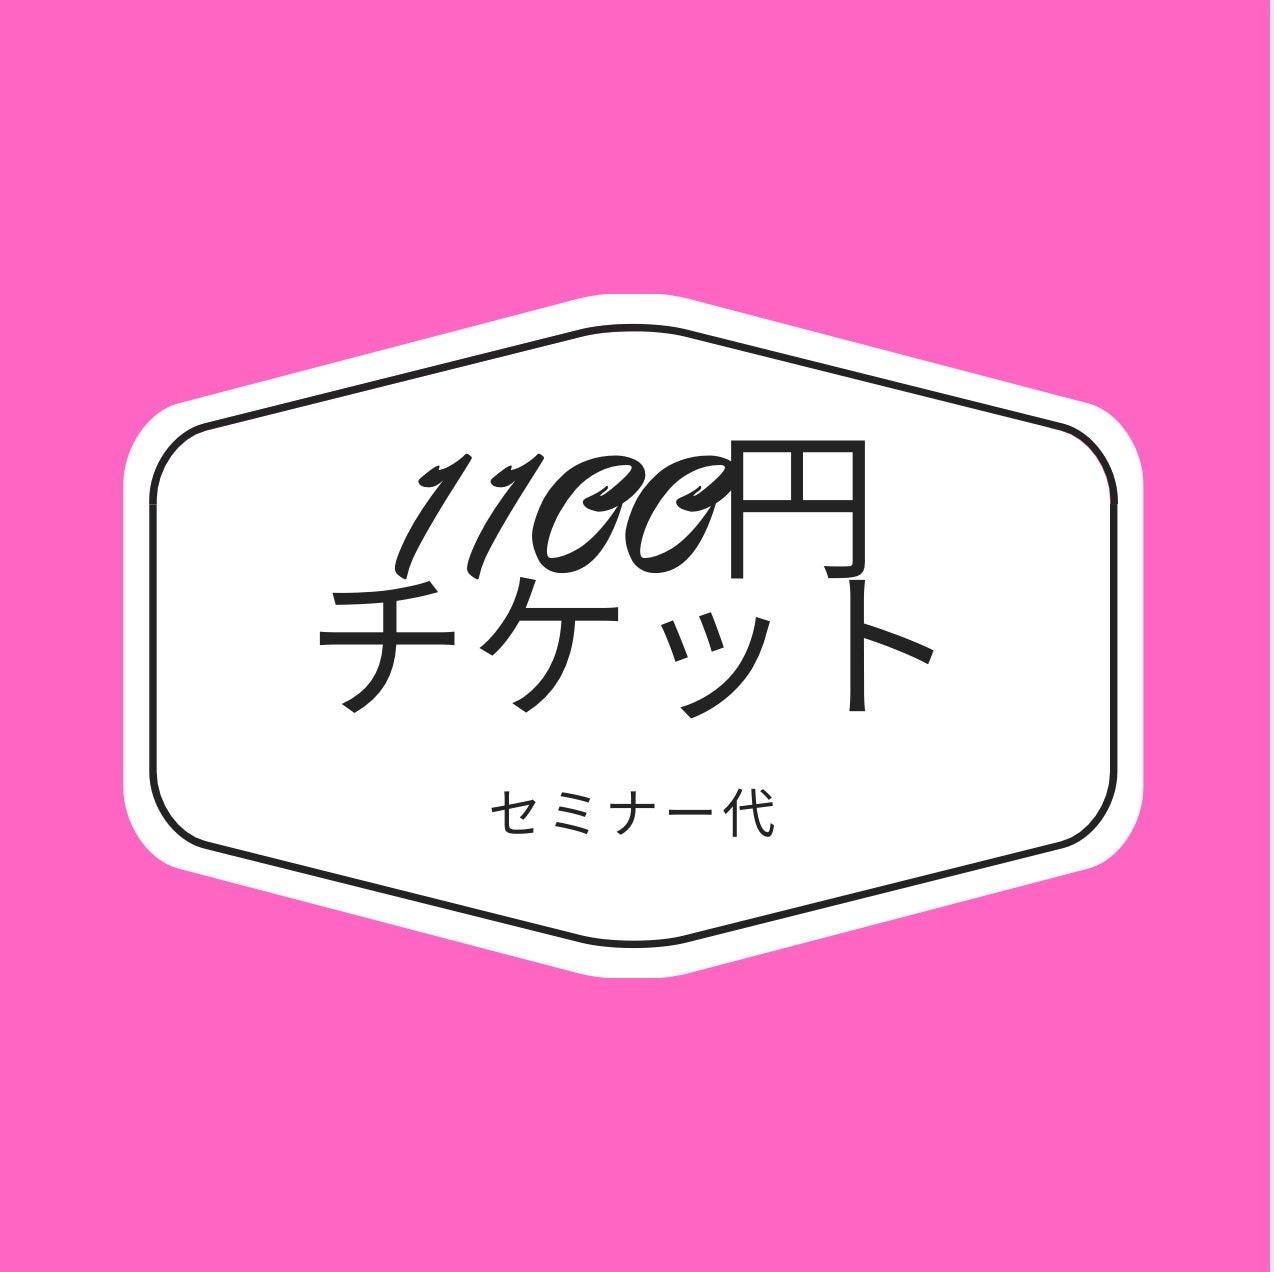 1100円セミナーチケットのイメージその1